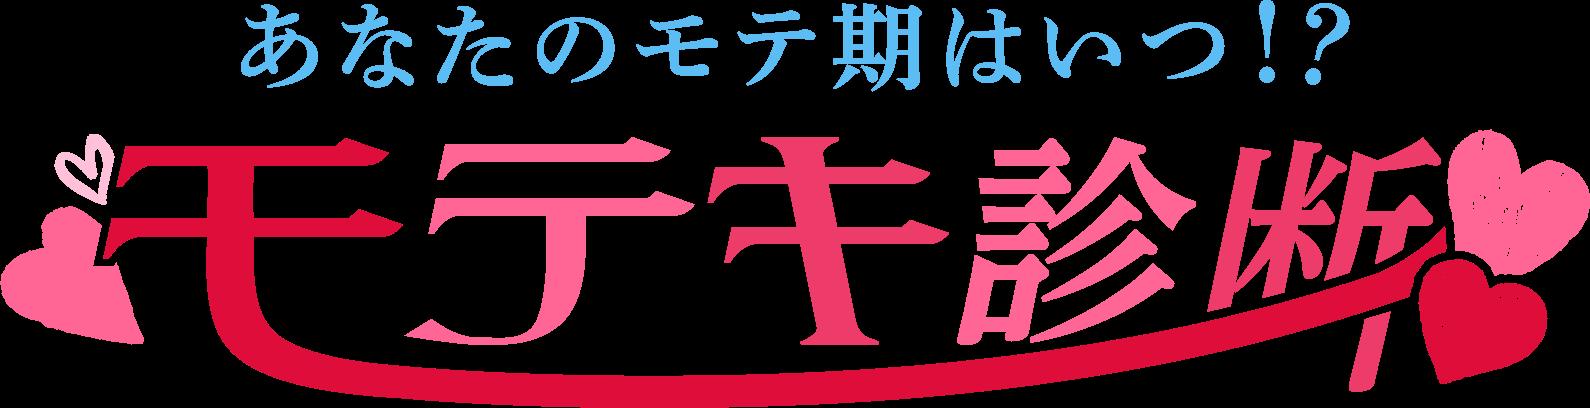 ○○系診断